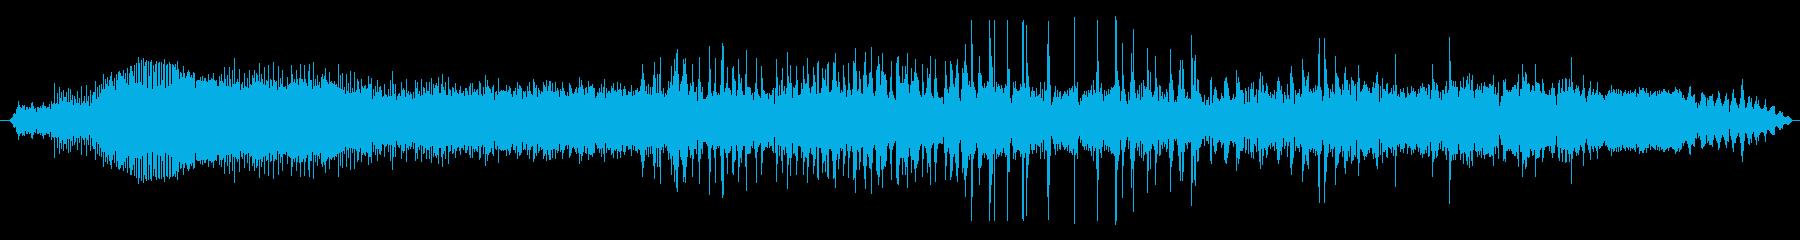 車 UAZ 469 高速加速クラッ...の再生済みの波形